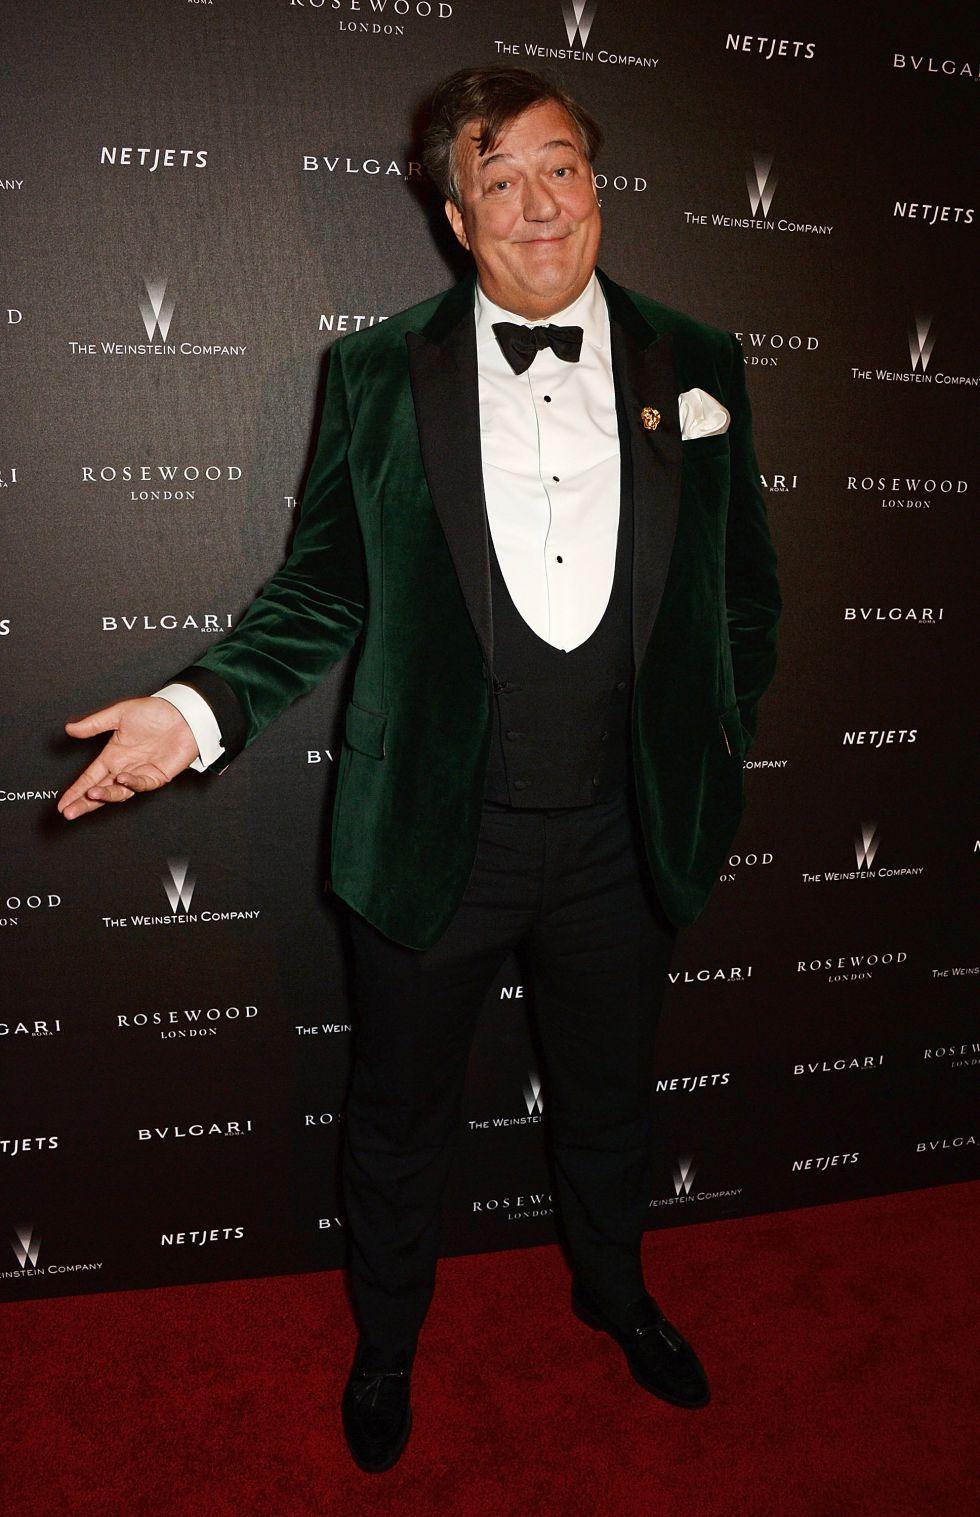 El actor  Stephen Fry momentos antes de presentar los Premios Bafta, en Londres.